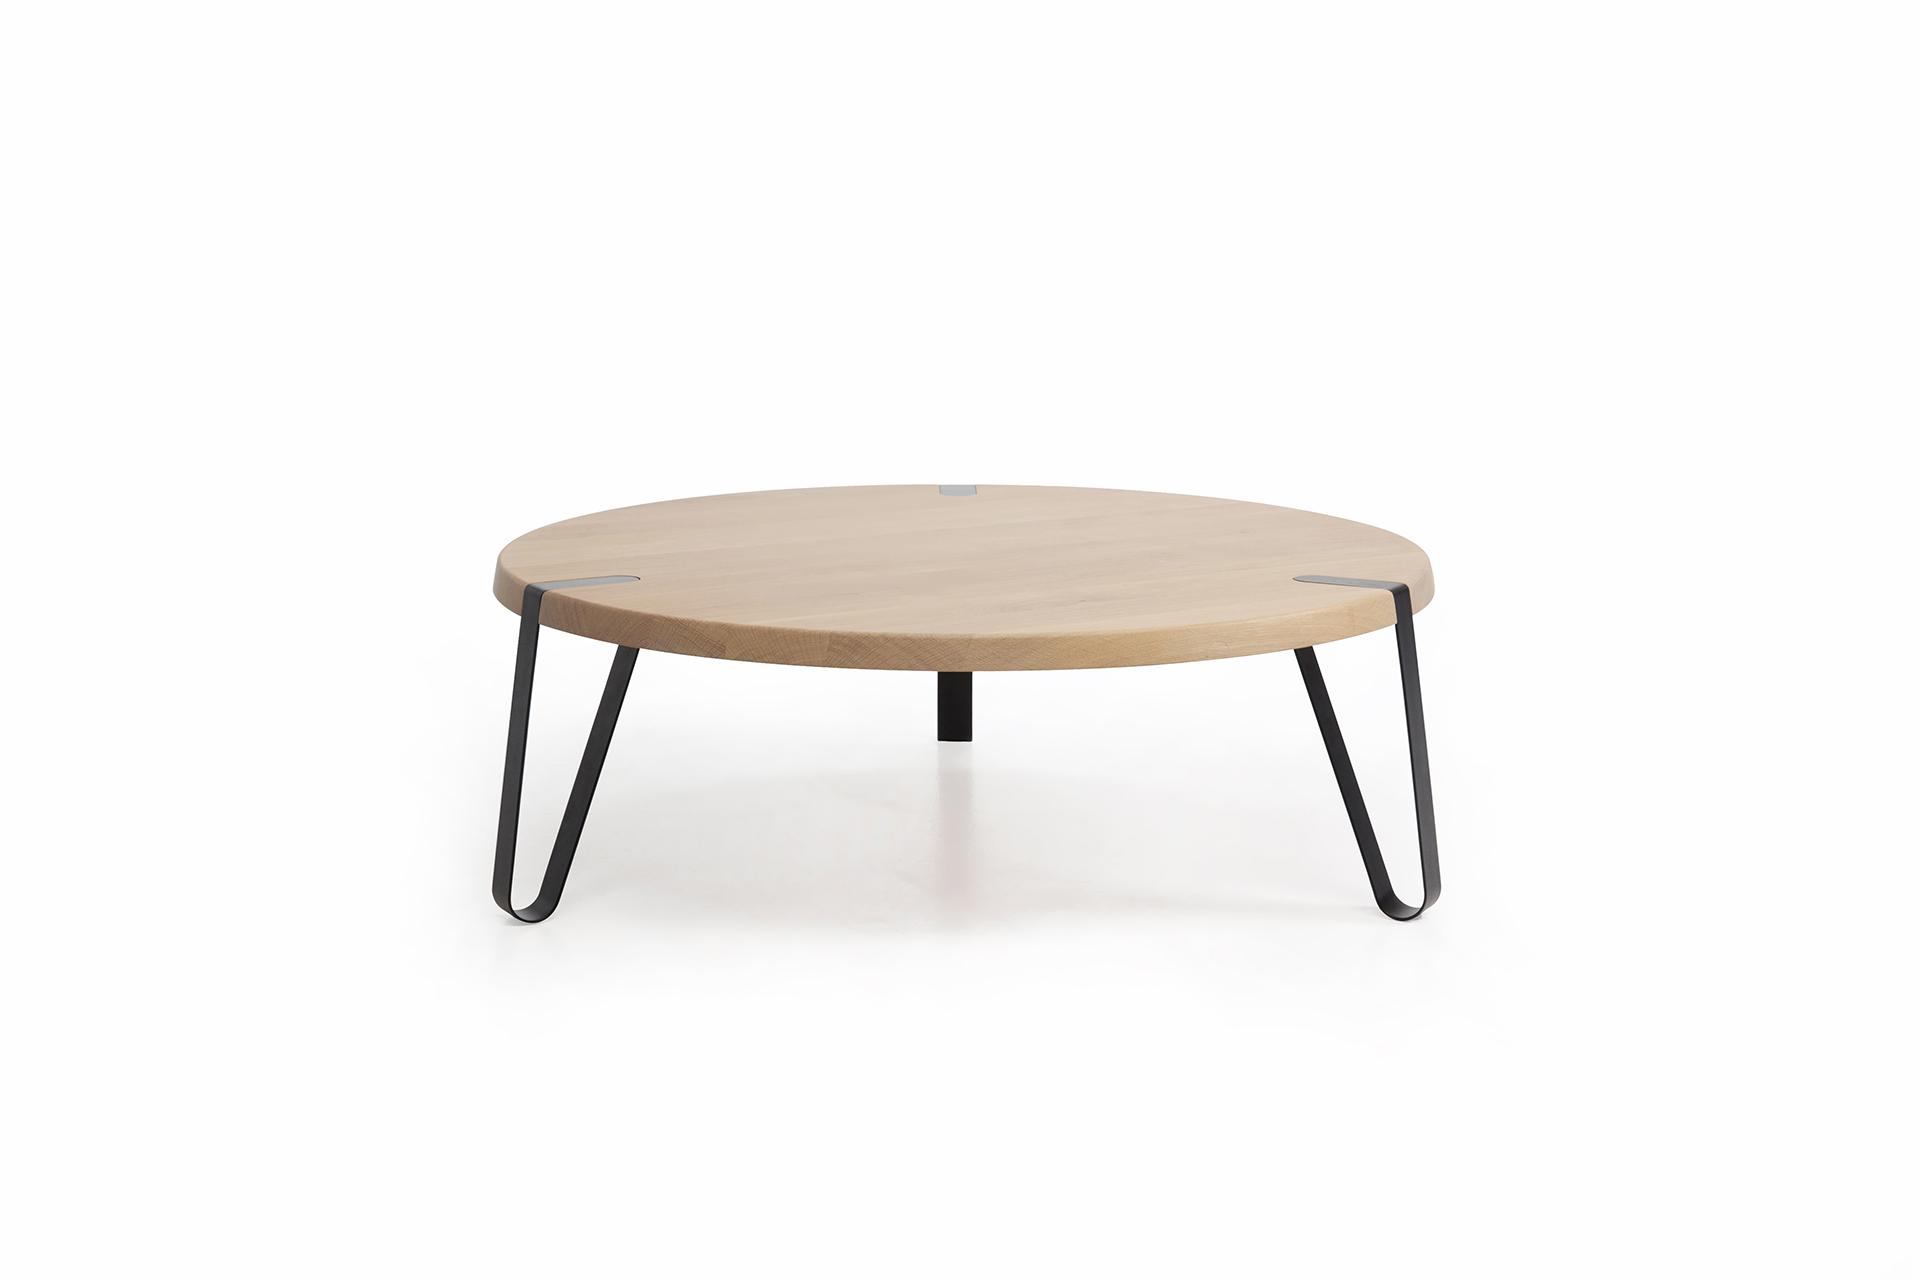 Salontafel Licht Eiken Rond.Level Rond Design Salontafel L Erik Remmers L Odesi Your Dutch Design